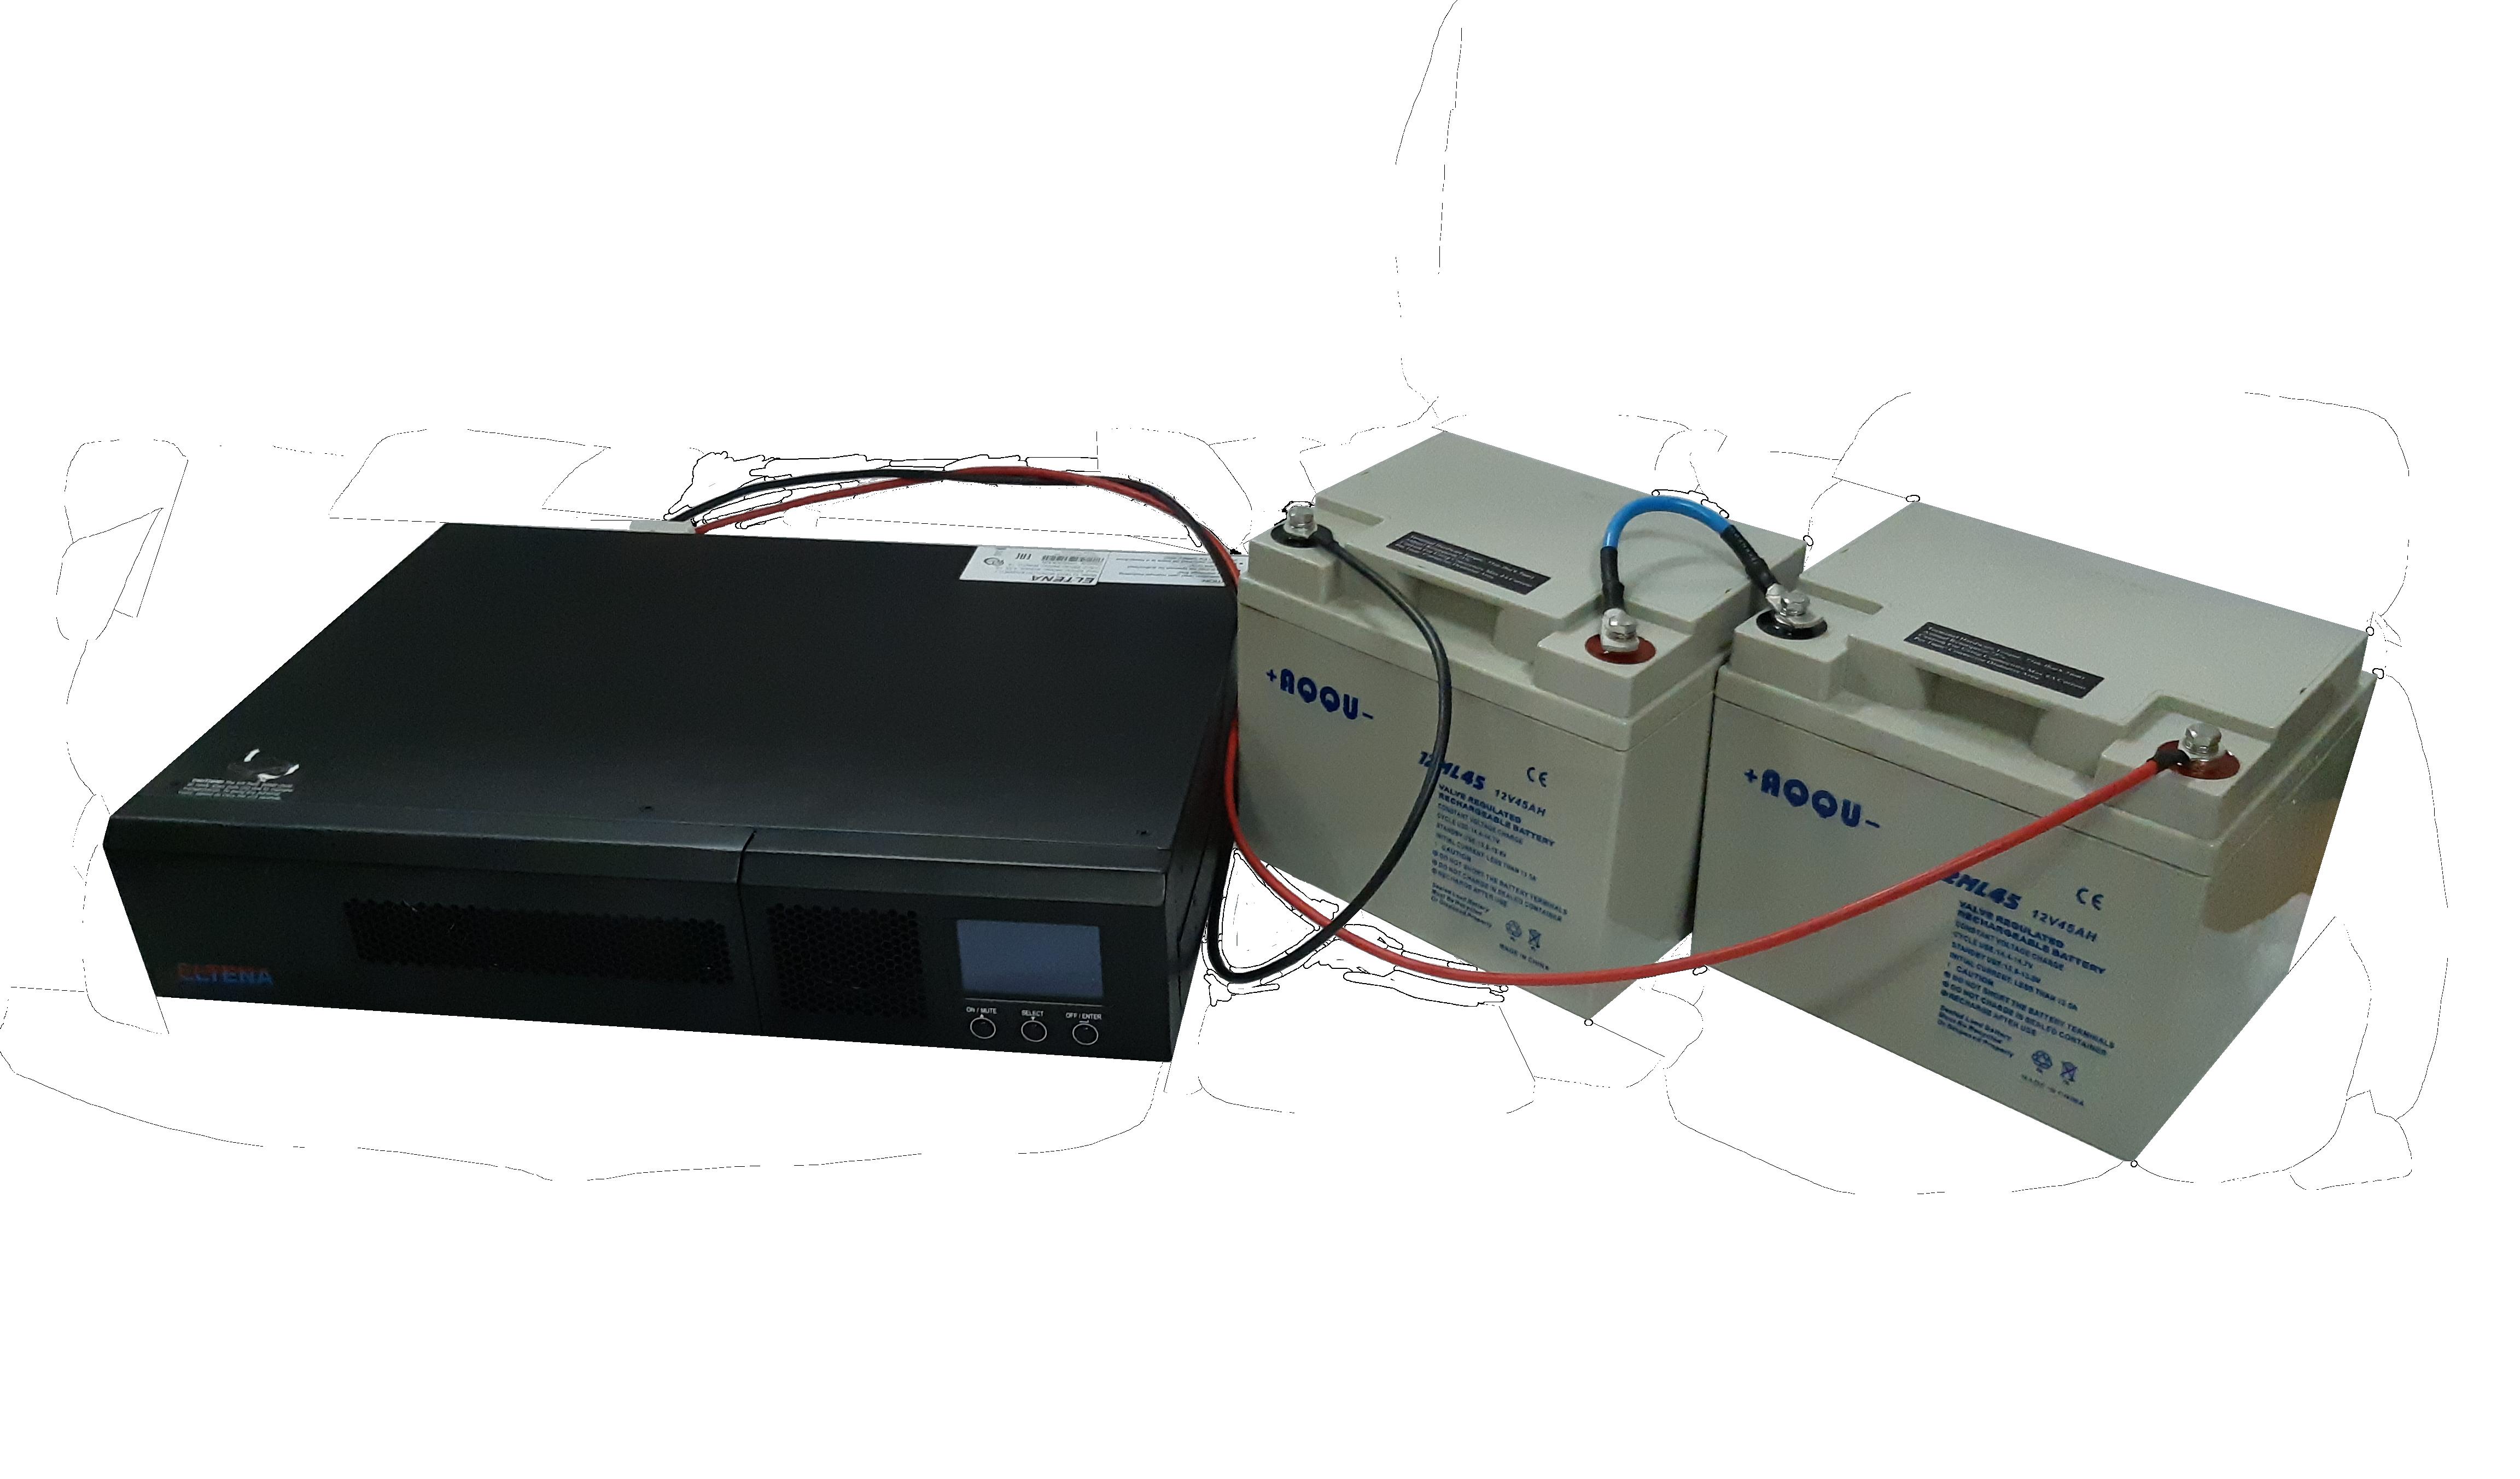 Увеличится ли сила тока при параллельном соединении батареек